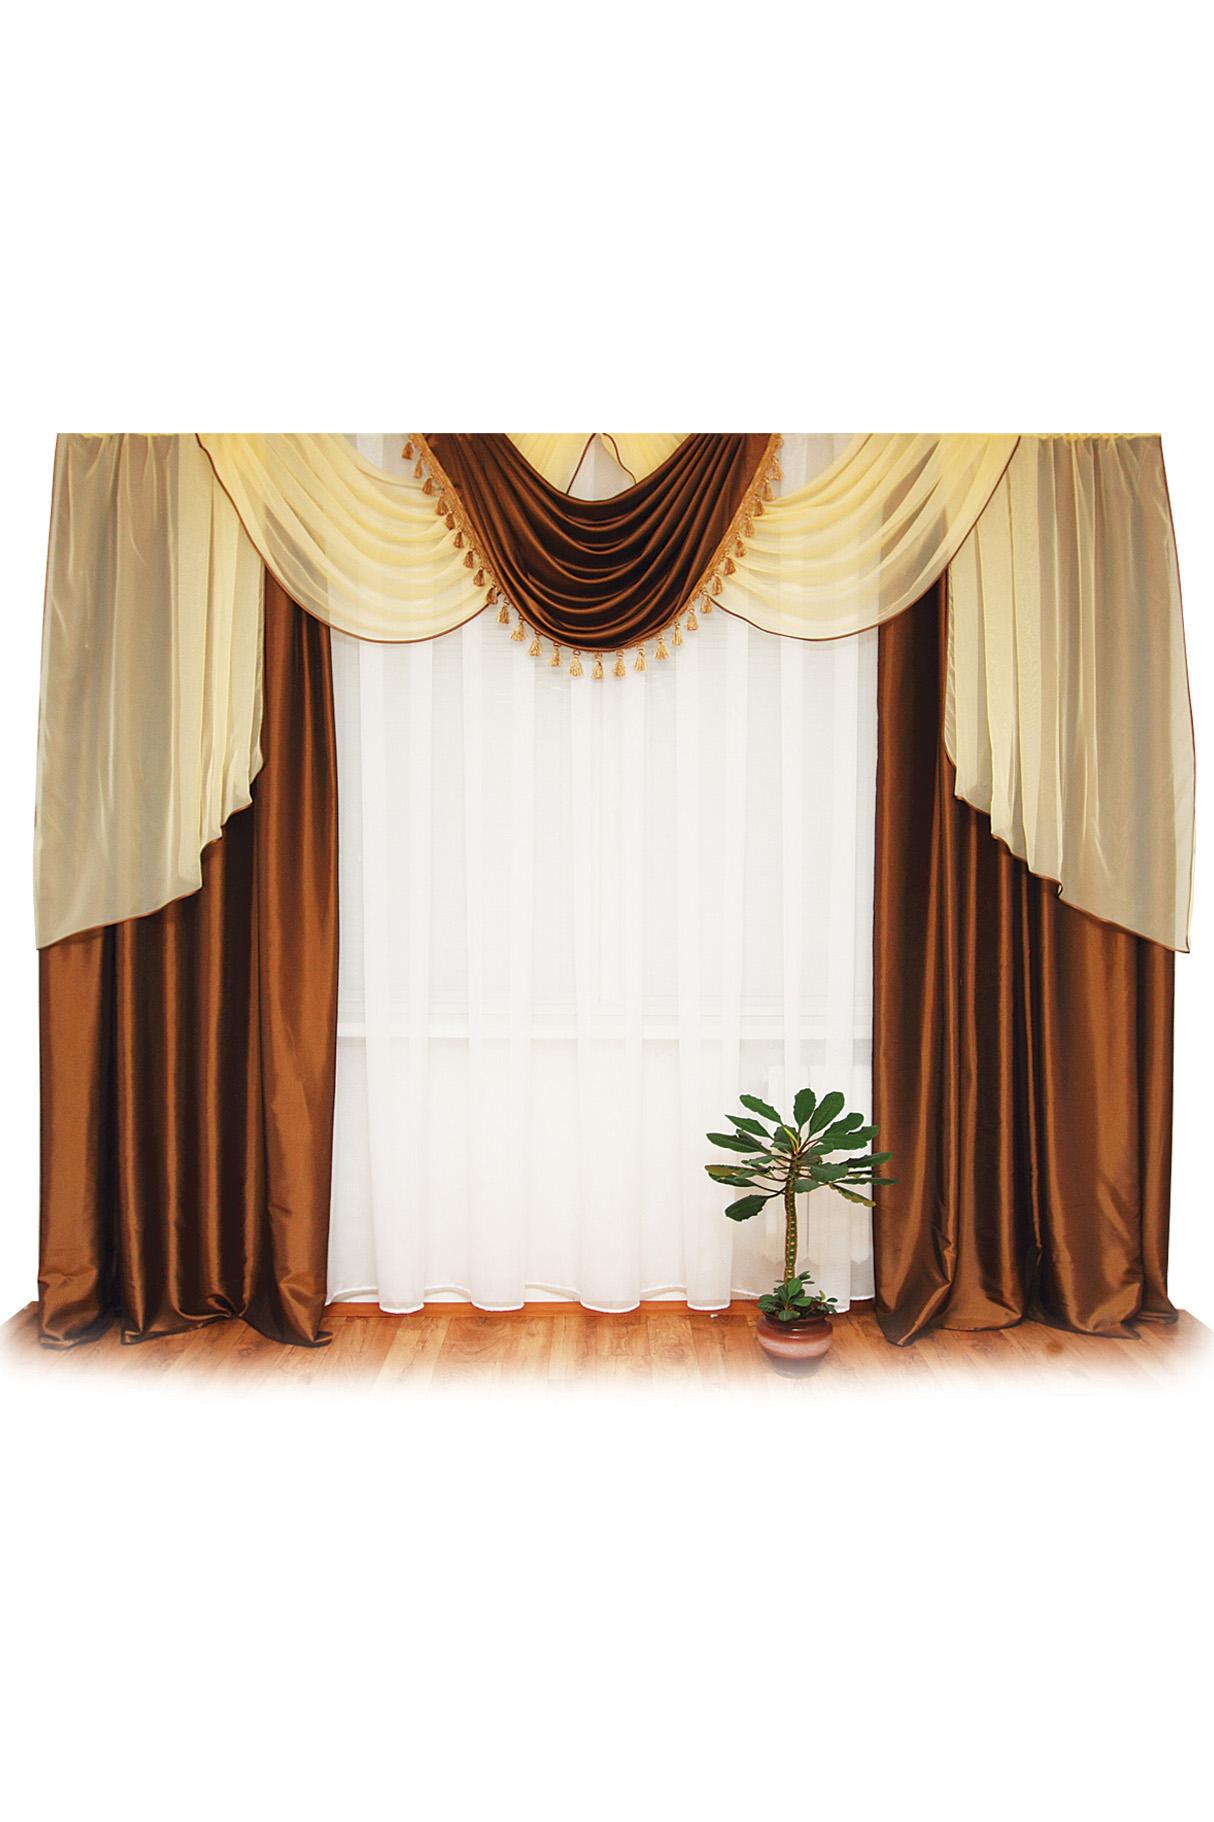 Шторы для комнатыДля комнаты<br>Шторы – это основной элемент интерьера, они всегда в центре внимания, несмотря на богатство мебели. При выборе штор самое первое и, пожалуй, главное – определится с подбором ткани, ее цветом и фактурой.  Шторы для гостинной изготавливаются из более плотных тканей, таких как жакард, тафта, велюр. Они могут дополнятся ламбрекеном со всевозможными декоративными элементами: стразами, бахромой, лентами. В предложенных моделях тюль не входит в комплект.   Размер: 400*250 см., ламбрекен 400 см.  В изделии использованы цвета: коричневый, желтый.<br><br>Карниз: Двухрядный<br>Отделка края: Лентами<br>По материалу: Тканевые<br>По рисунку: Однотонные<br>По способу крепления: С ламбрекеном<br>По стилю: Классические шторы,Раздвижные шторы<br>Размеры: До пола<br>По сезону: Всесезон<br>Размер : 400*250<br>Материал: Тафта<br>Количество в наличии: 2